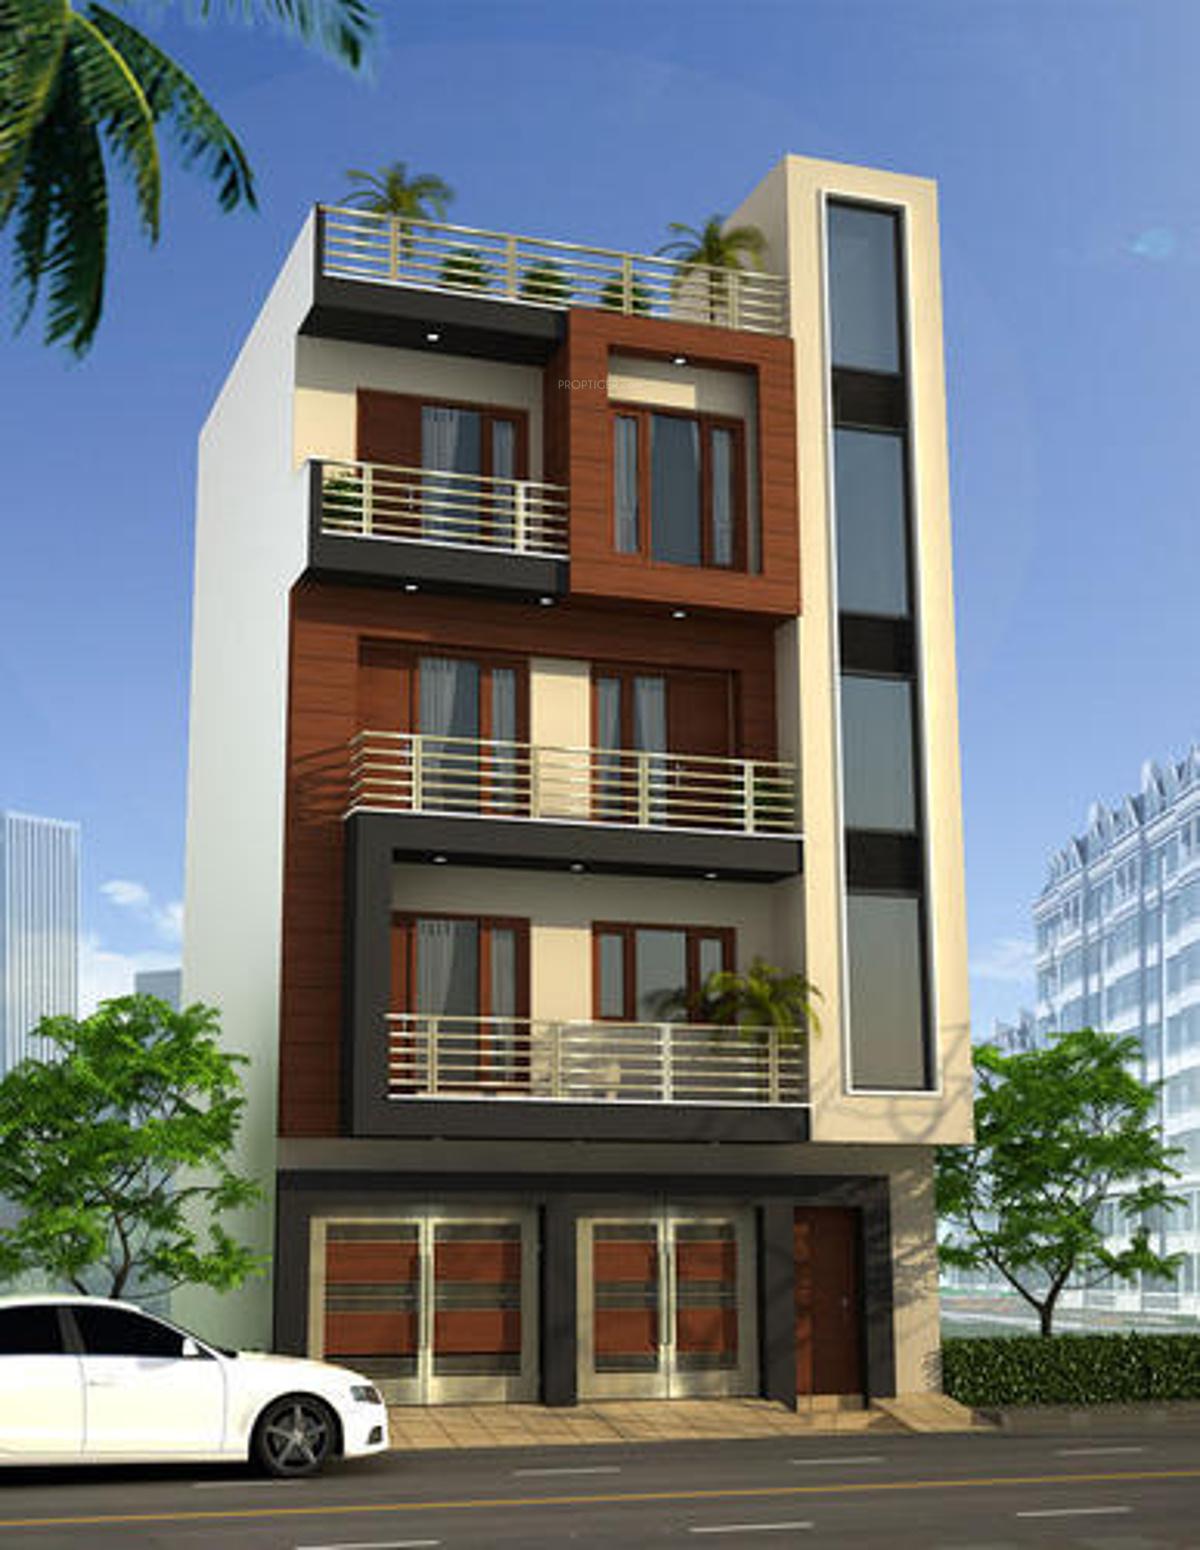 450 sq ft 2 bhk 2t apartment for sale in pradeep mehta - 3 storey building exterior design ...